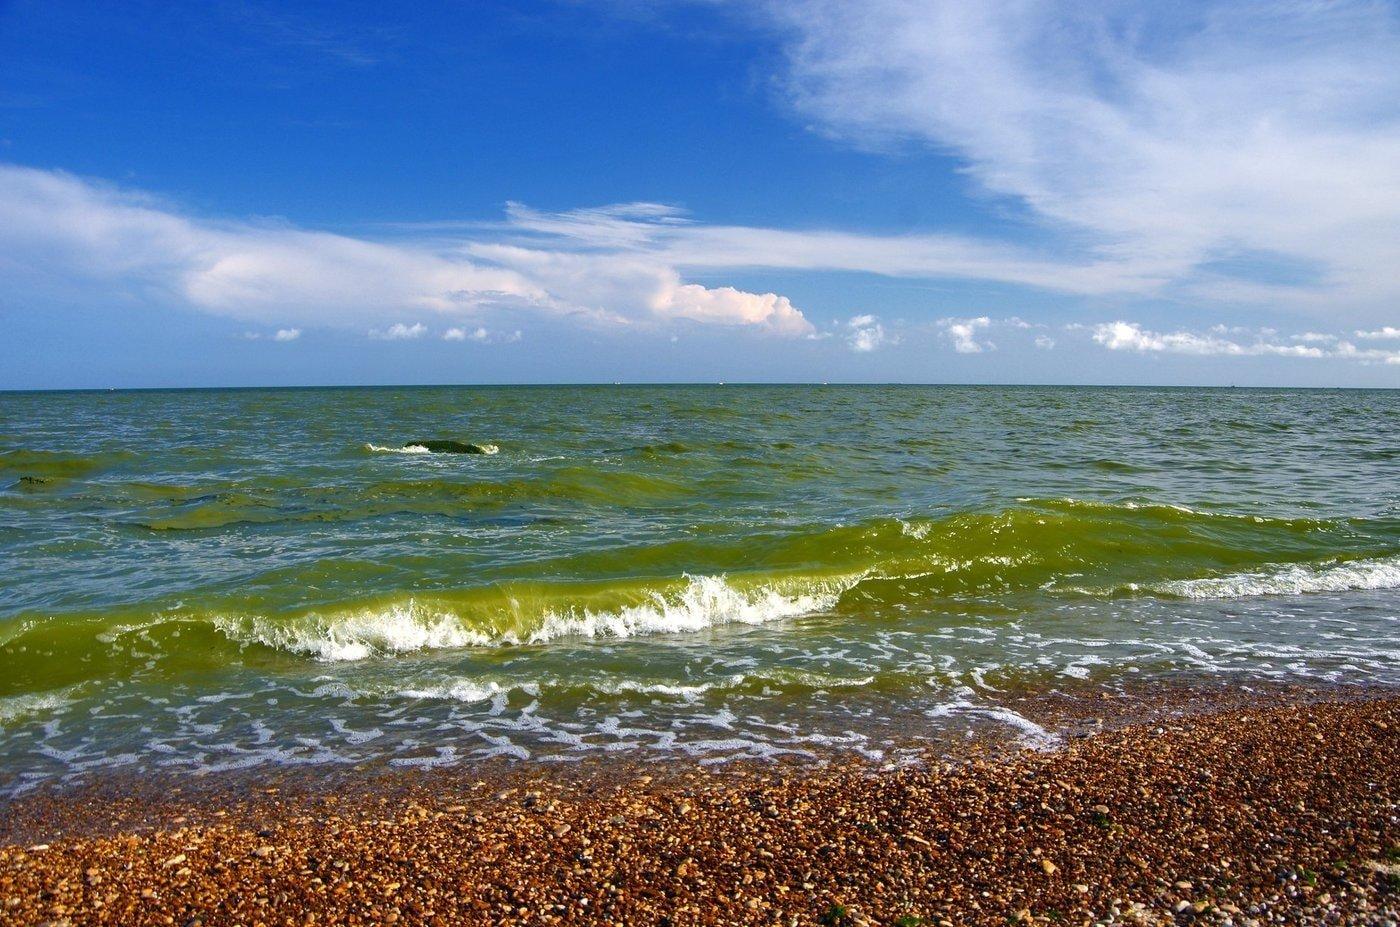 Чорне море загине вже через 20 років: екологи б'ють на сполох